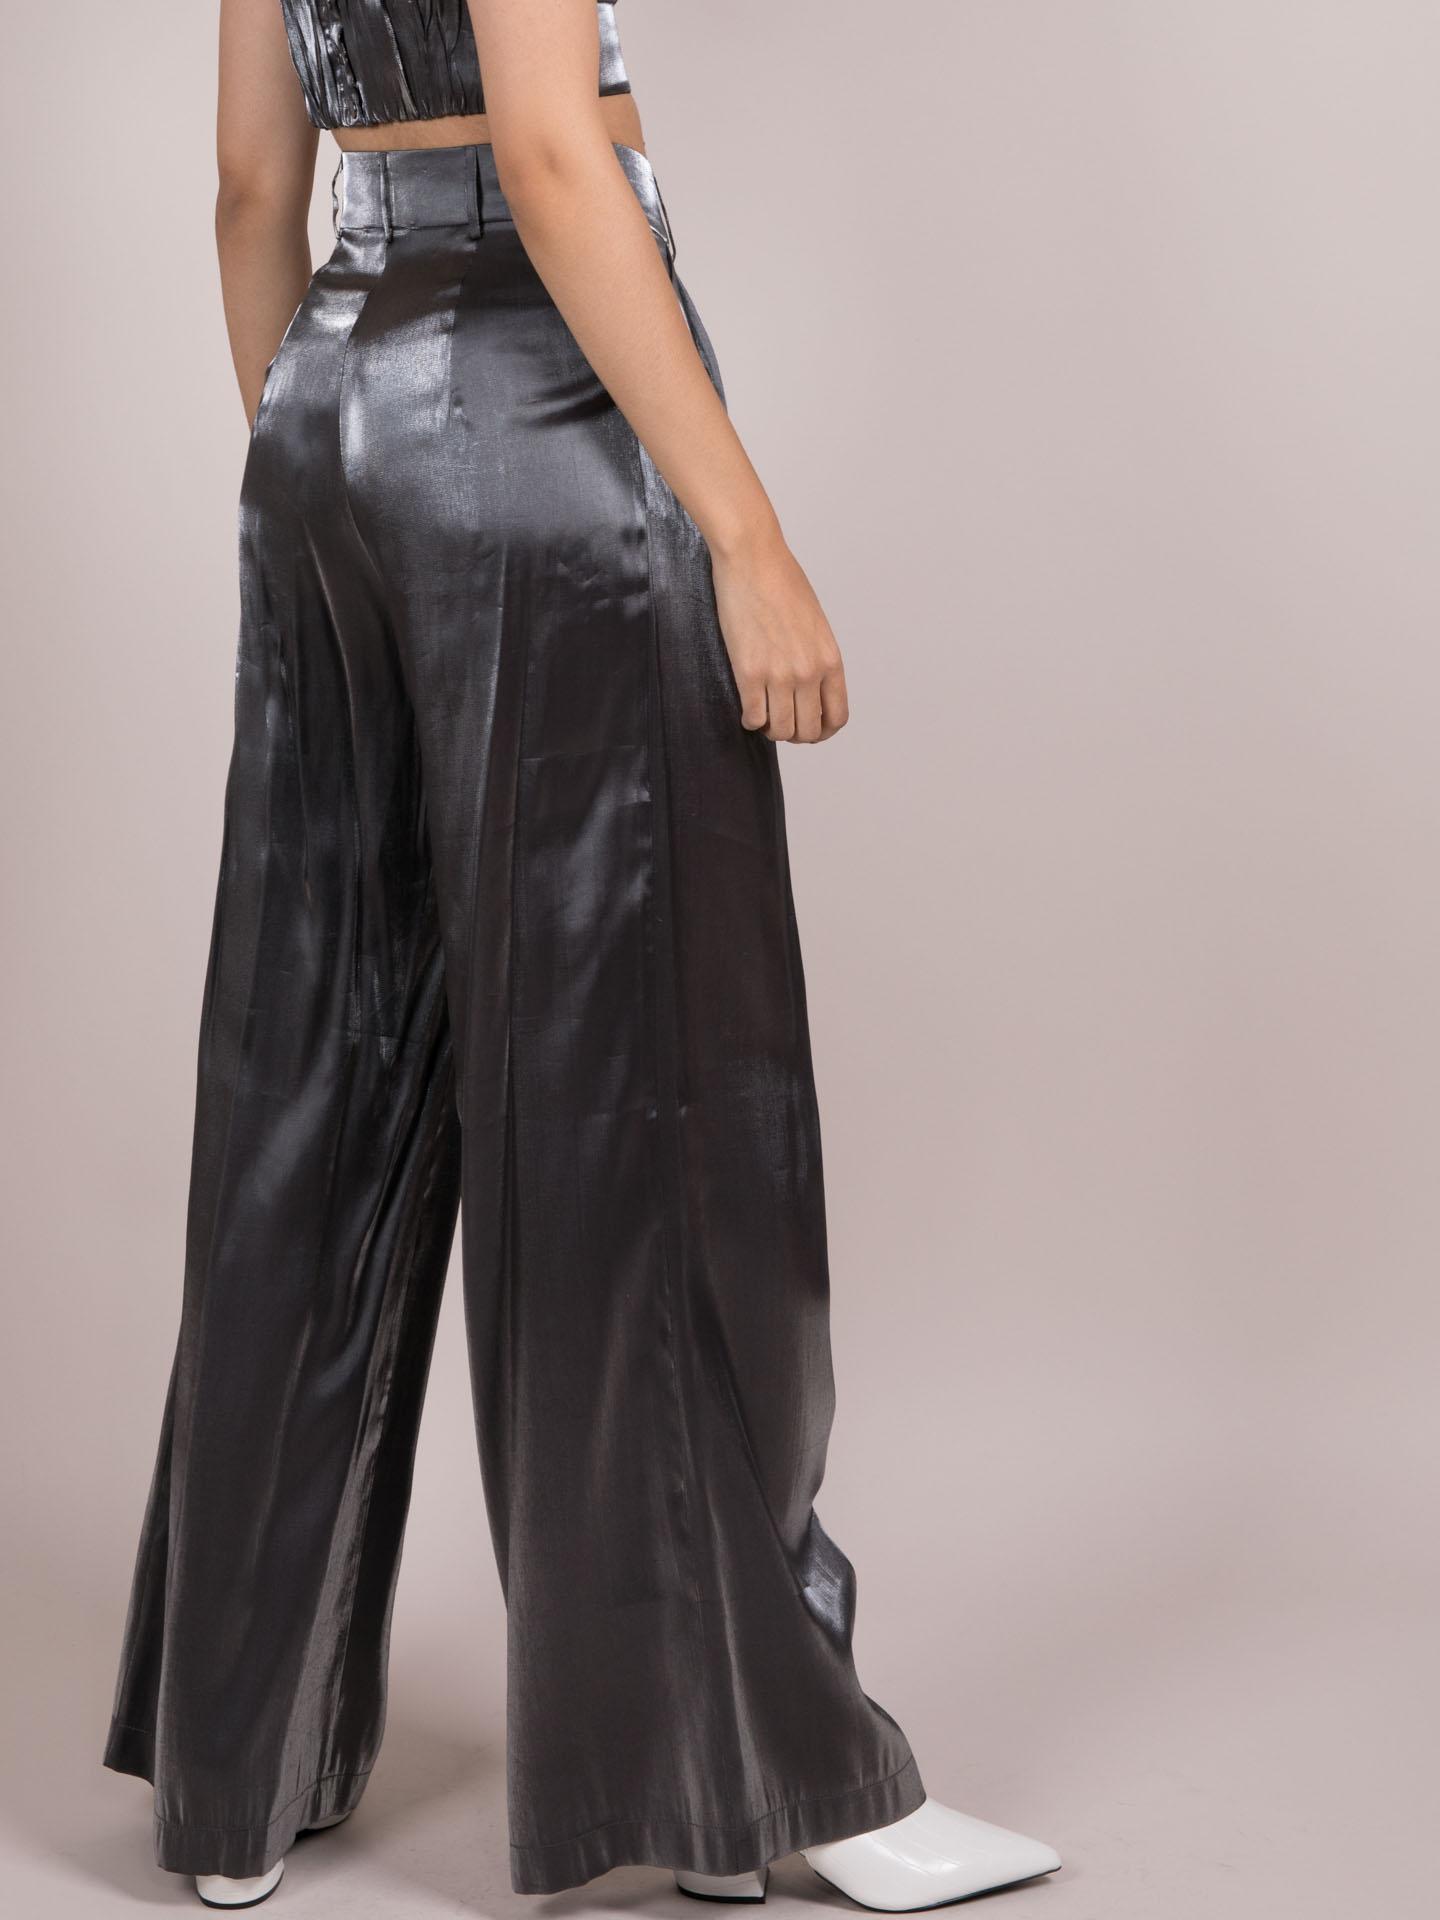 Noa Metallic Pants  Silver Wide Legged Bottoms Back